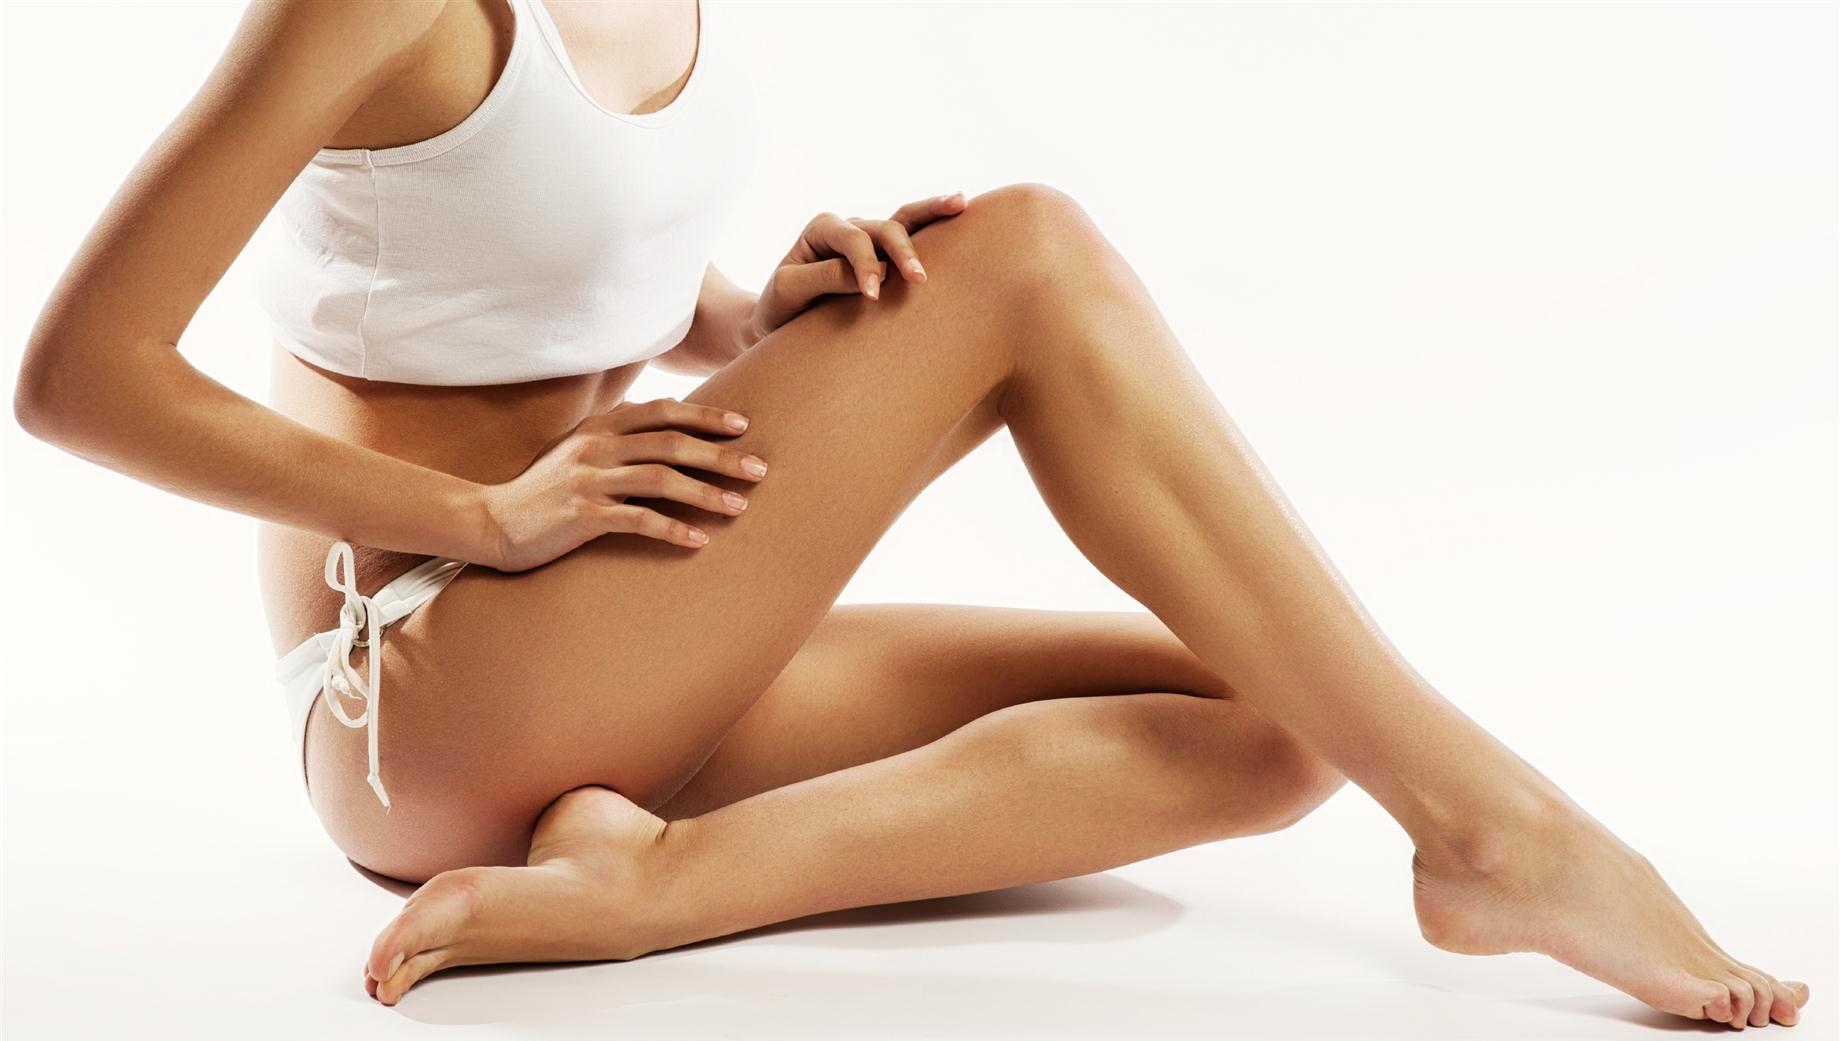 Impara a spalmare la crema con un auto-massaggio drenante